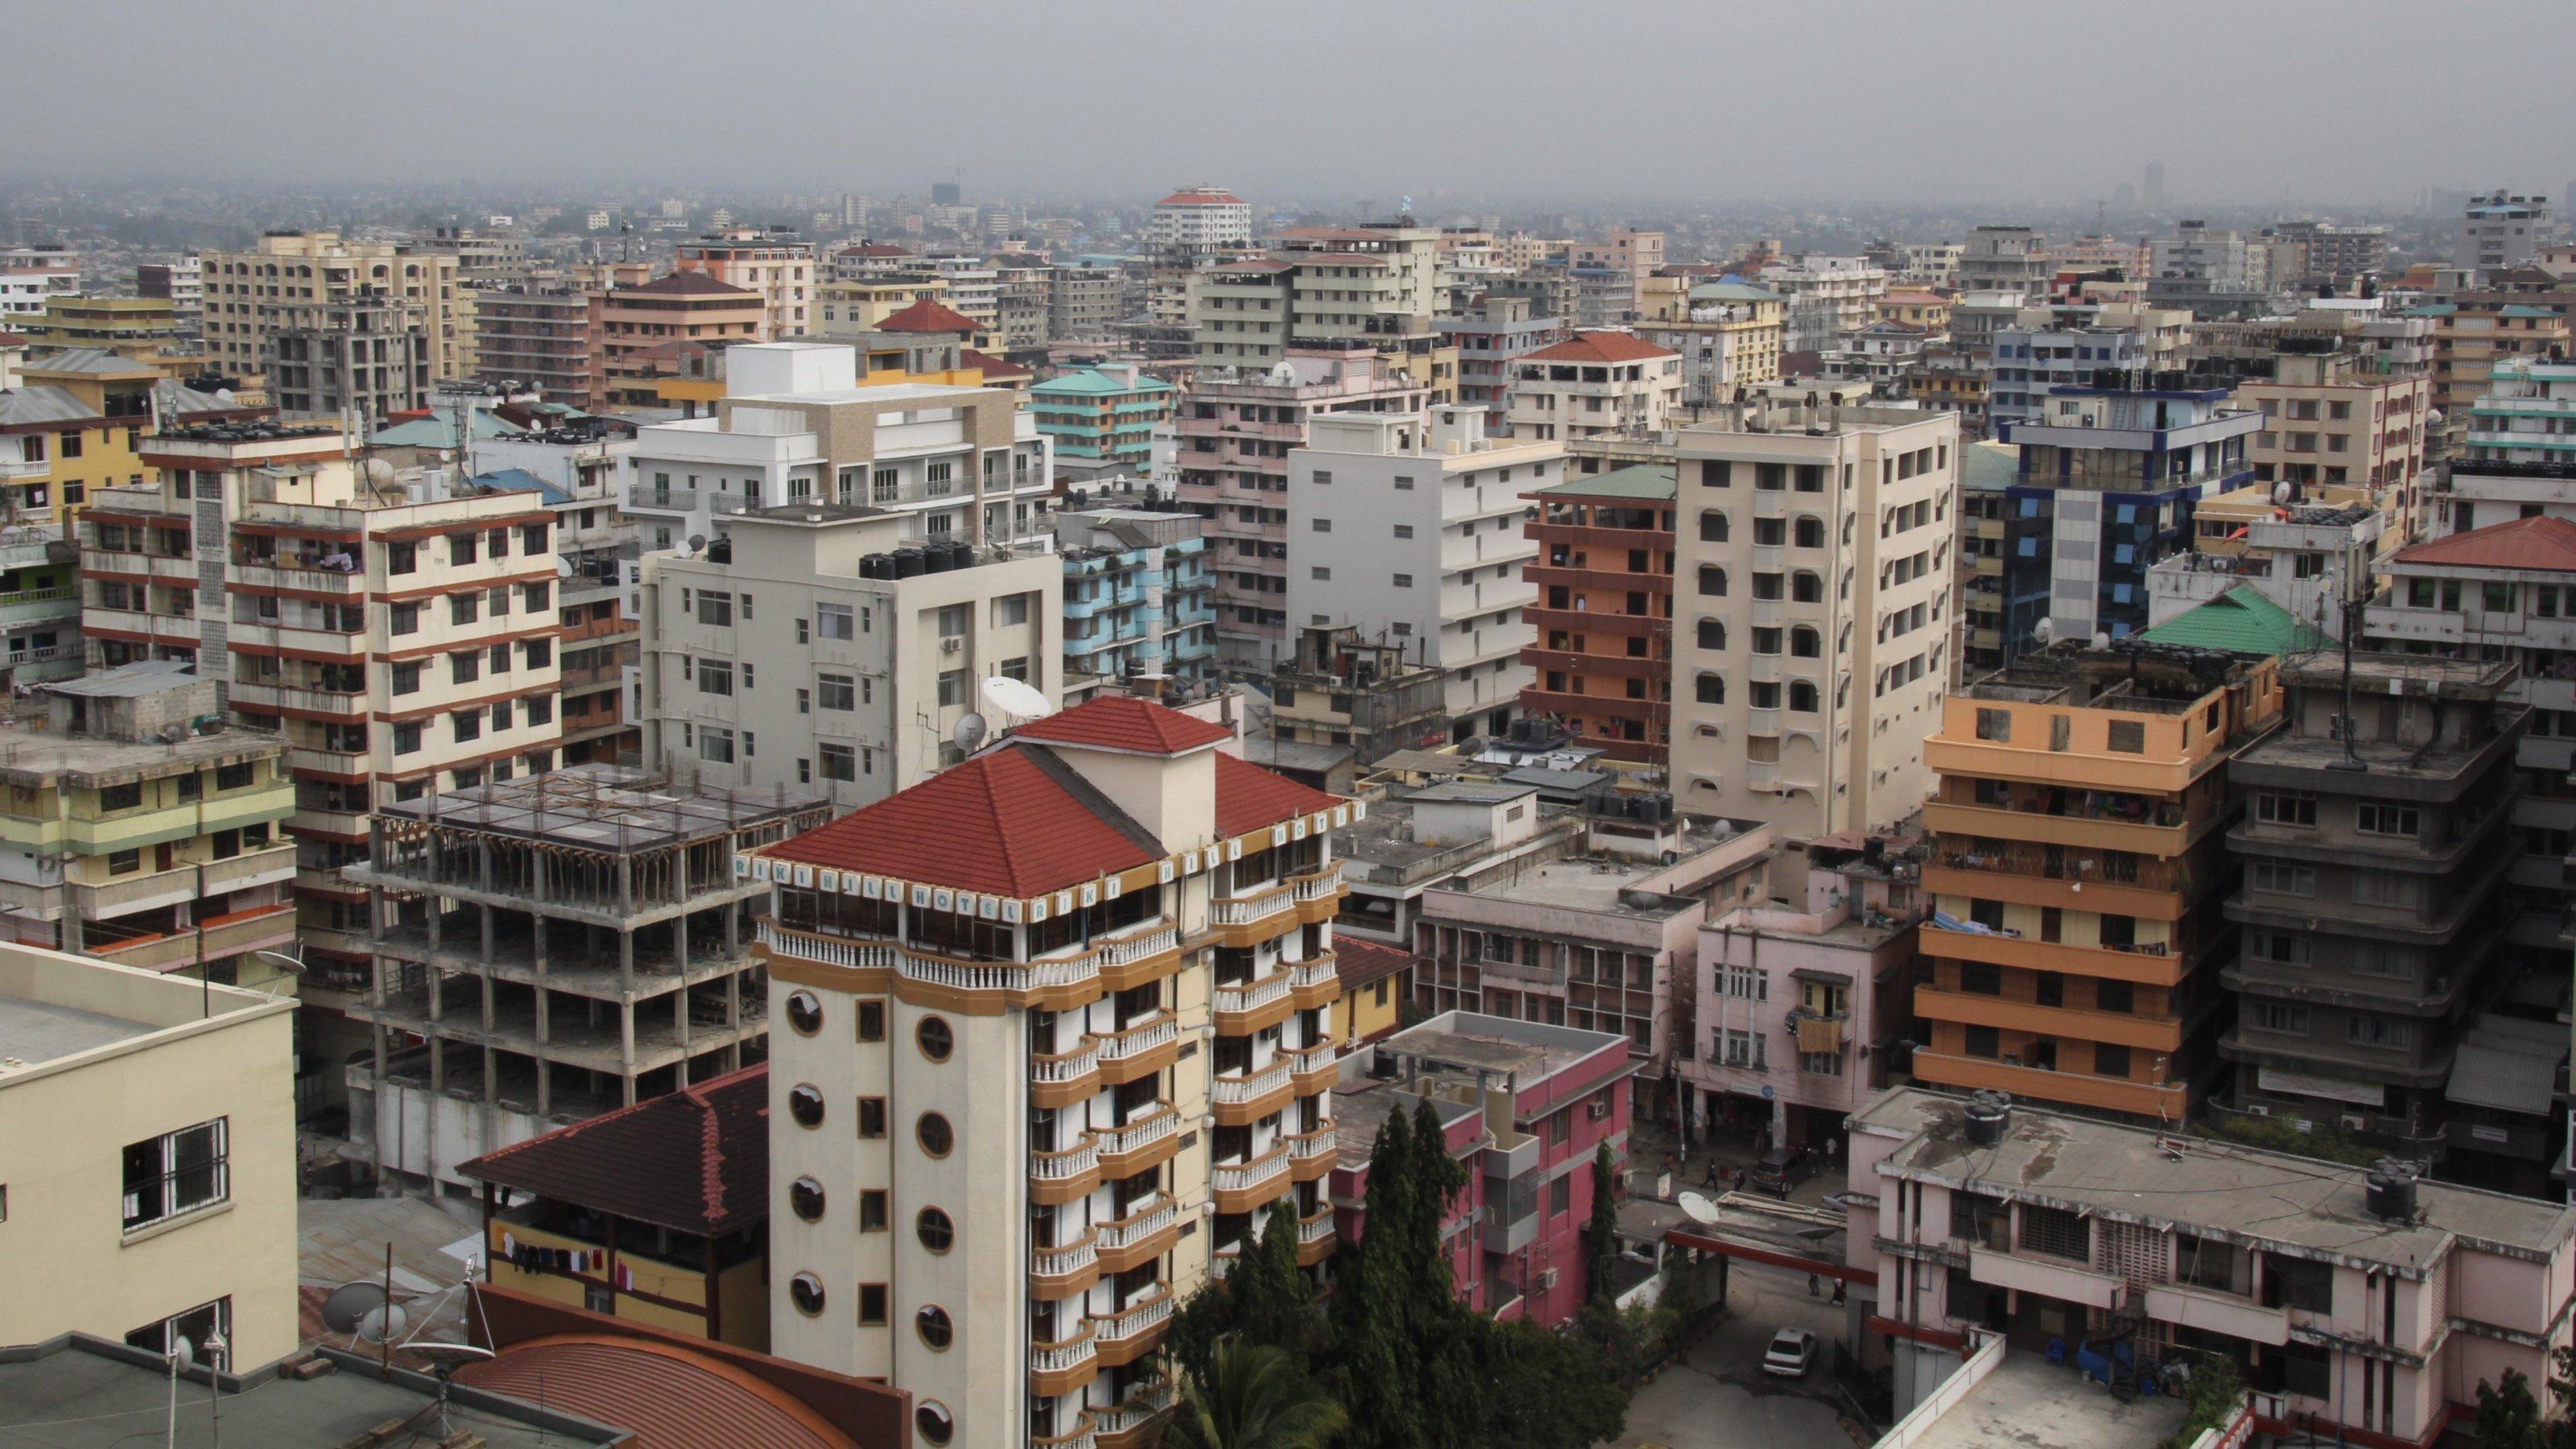 Das Foto zeigt viele Hochhäuser, die modern wirken.